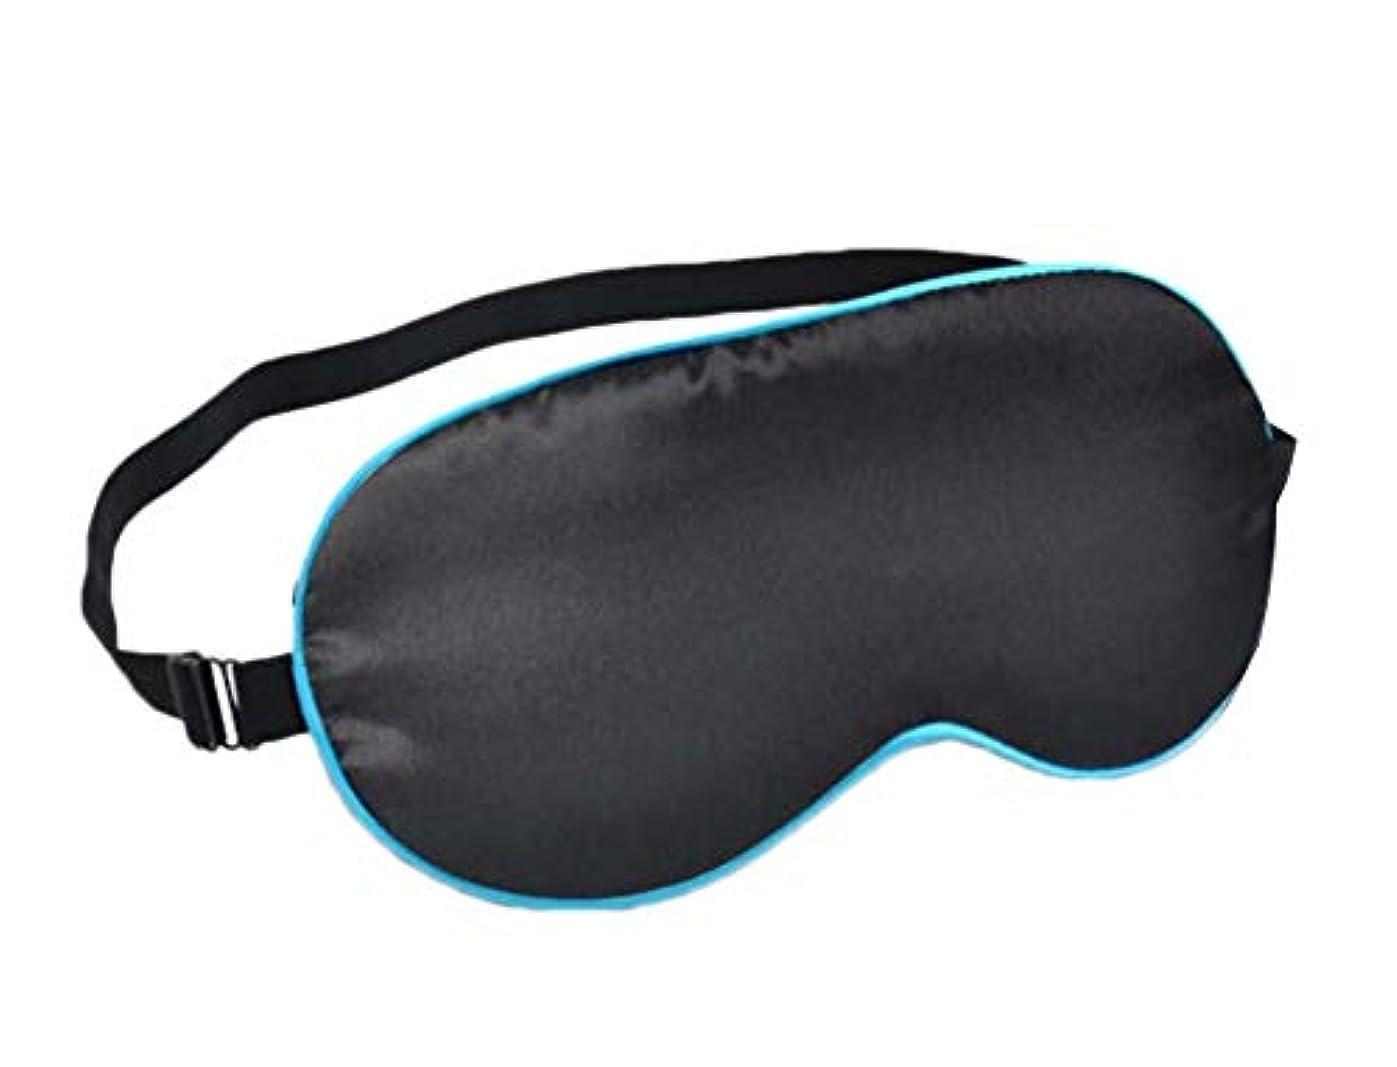 特別なページェント速い子供たちシルク睡眠アイマスク睡眠のソフトアイマスク - 15